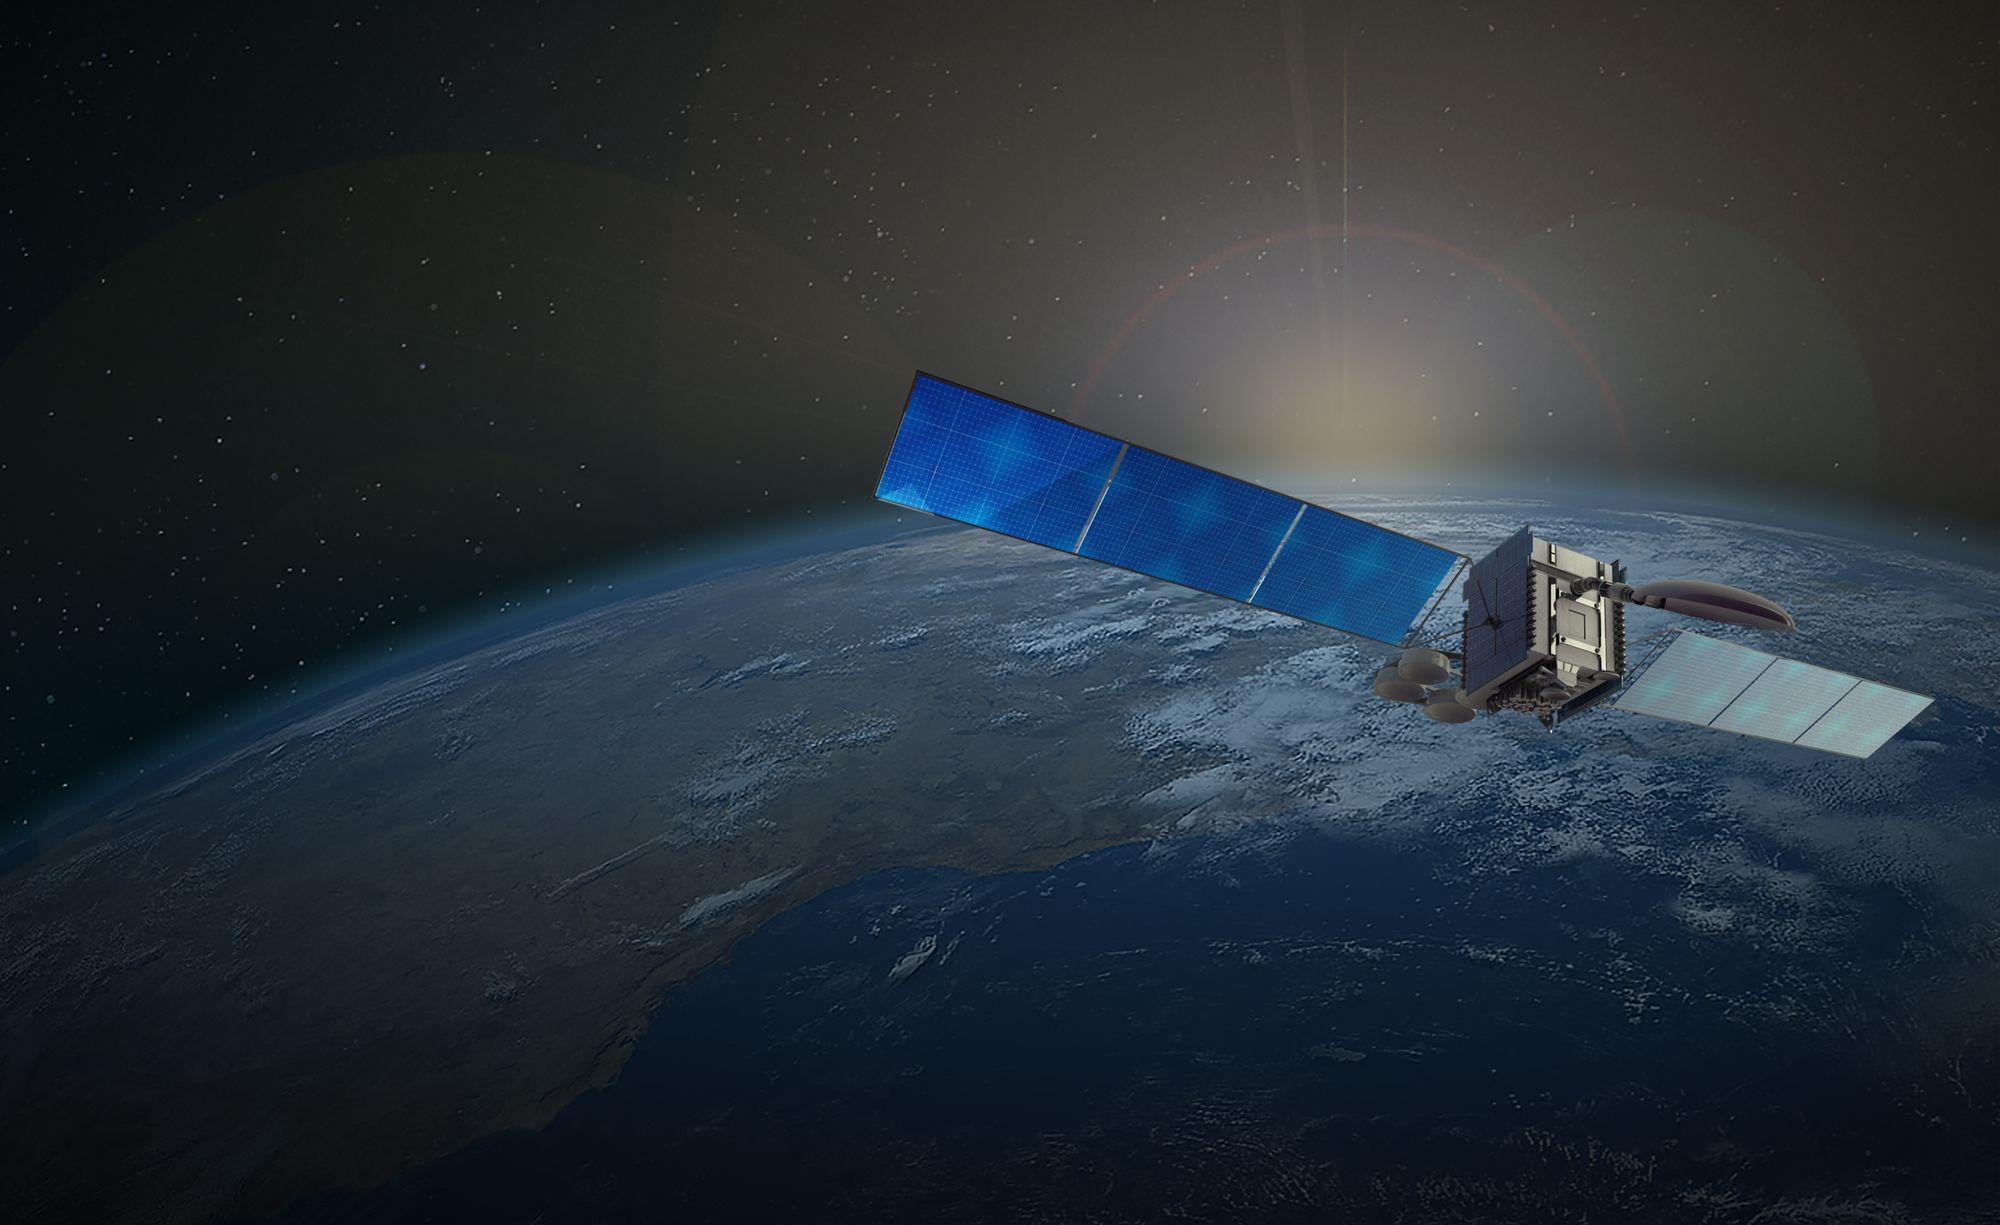 Bredbånd via satellitt canal digital